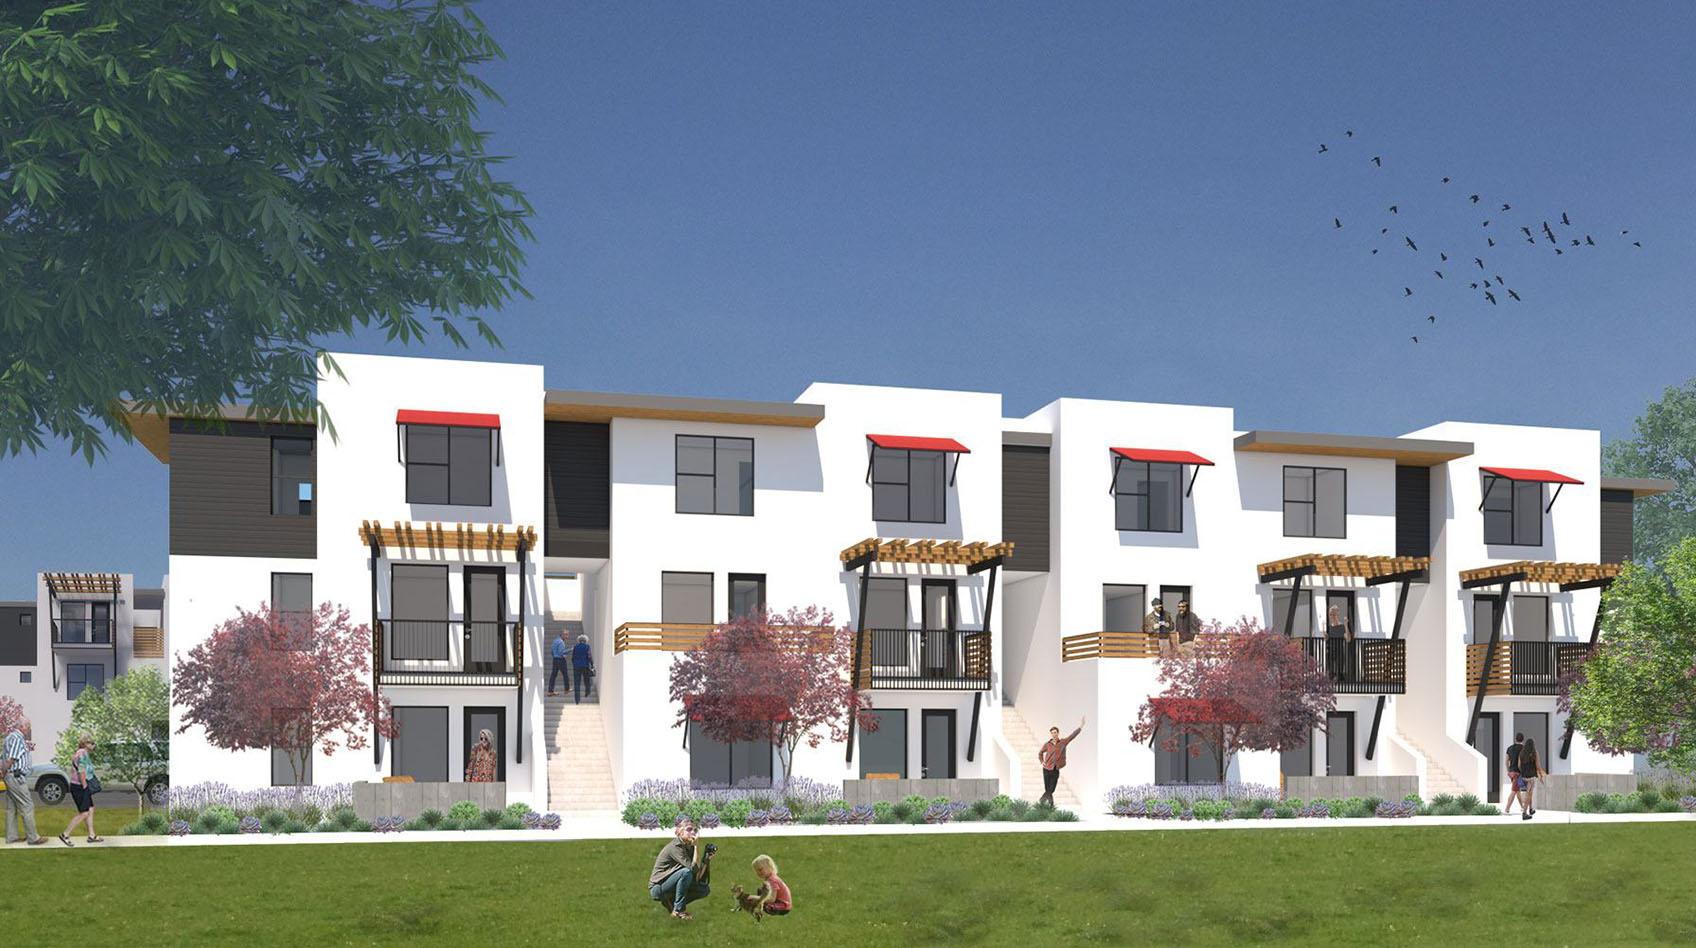 Bonita Glen Apartments